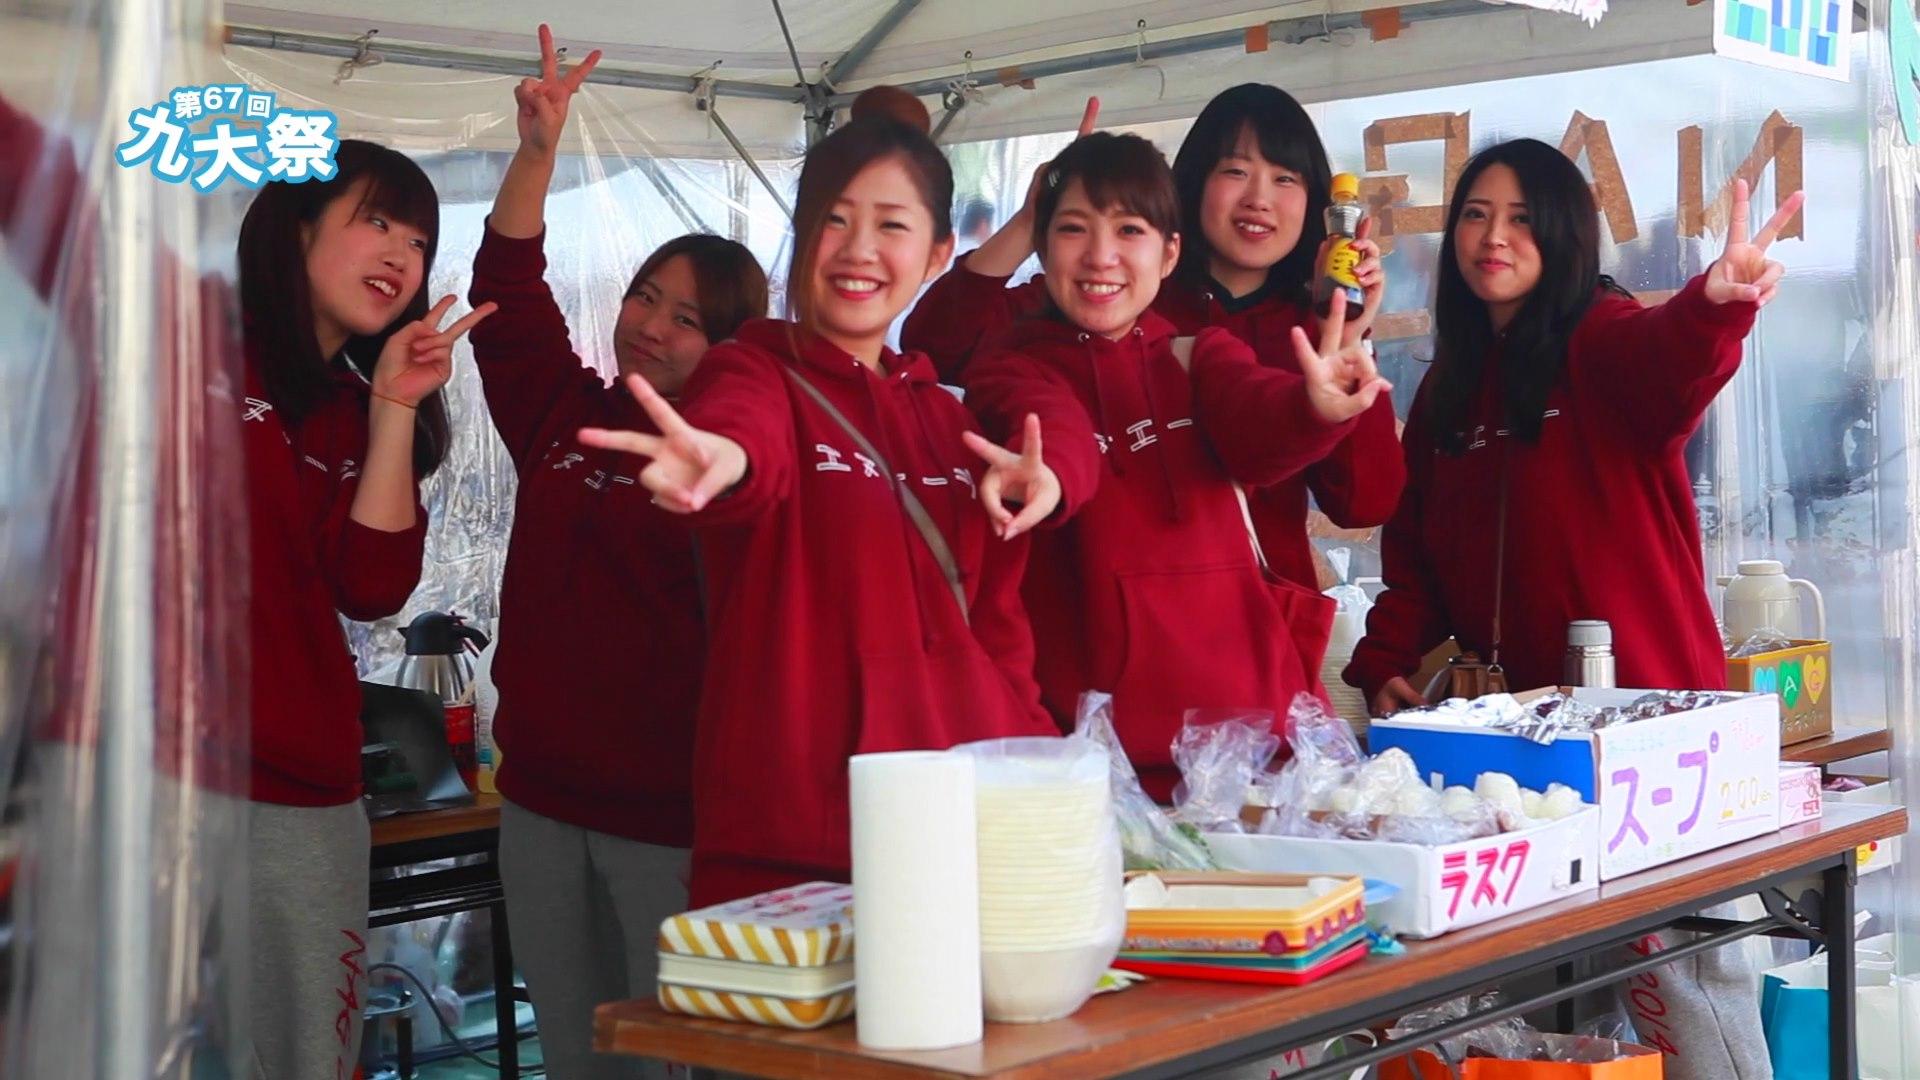 第67回 九州大学学祭.mov_000149471